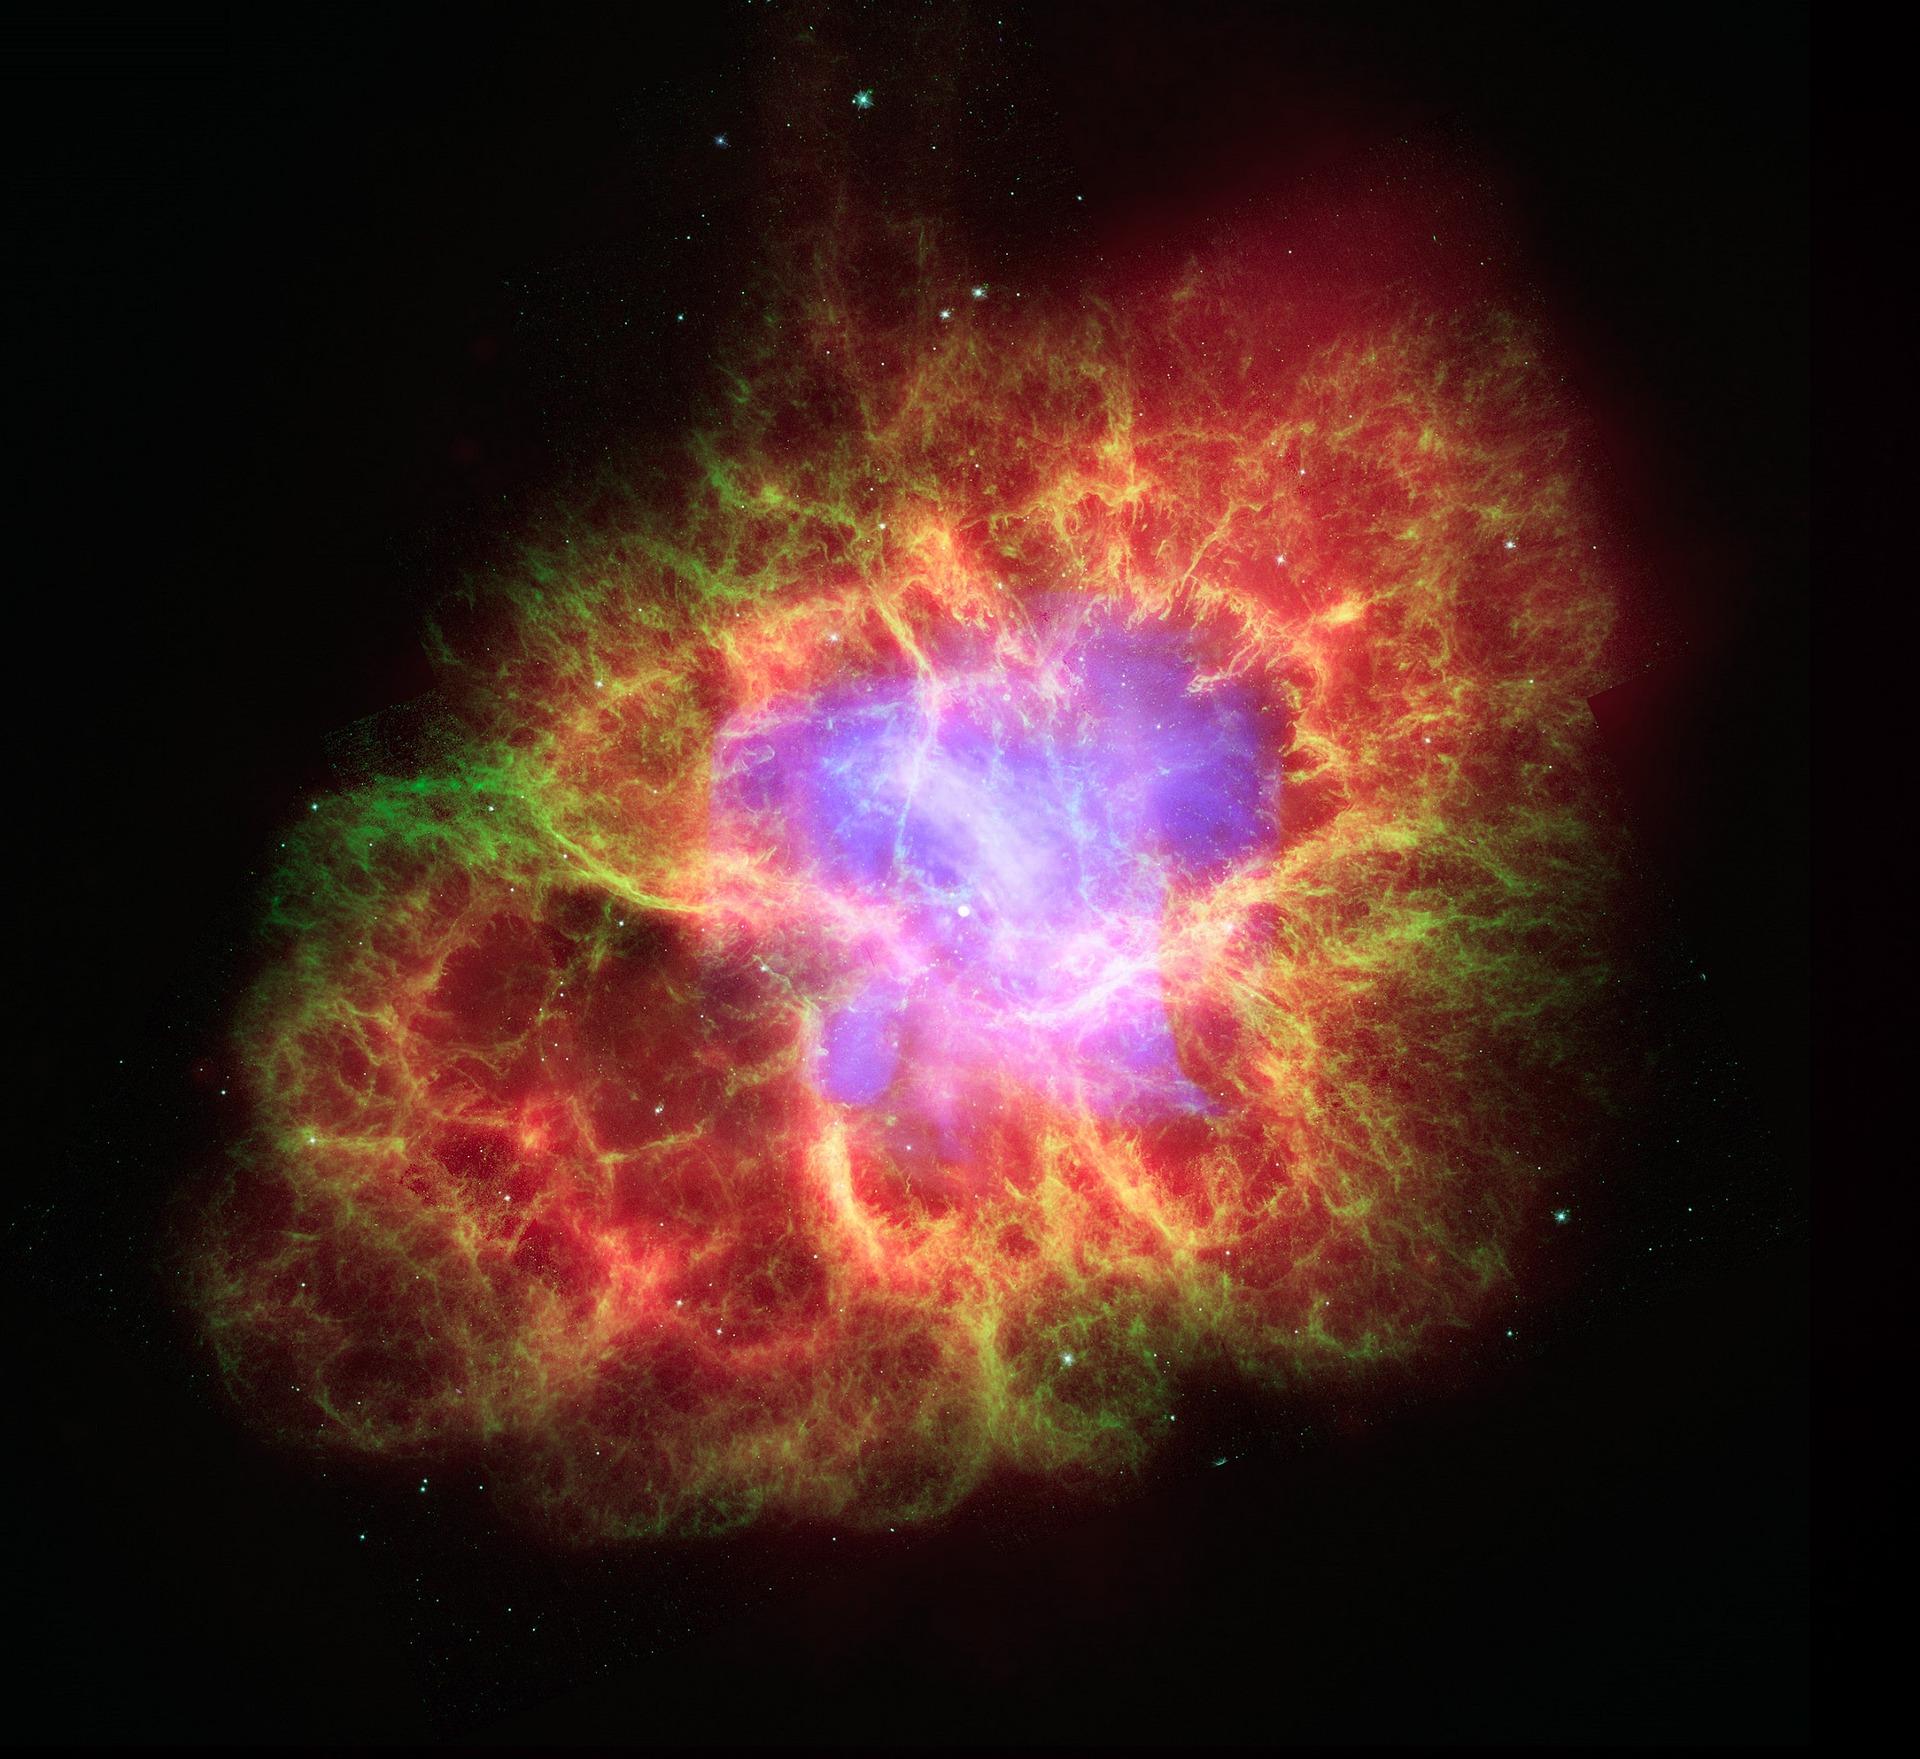 Obrázek: Zombie hvězda udivuje astronomy: Vzdálená supernova přežila svou smrt